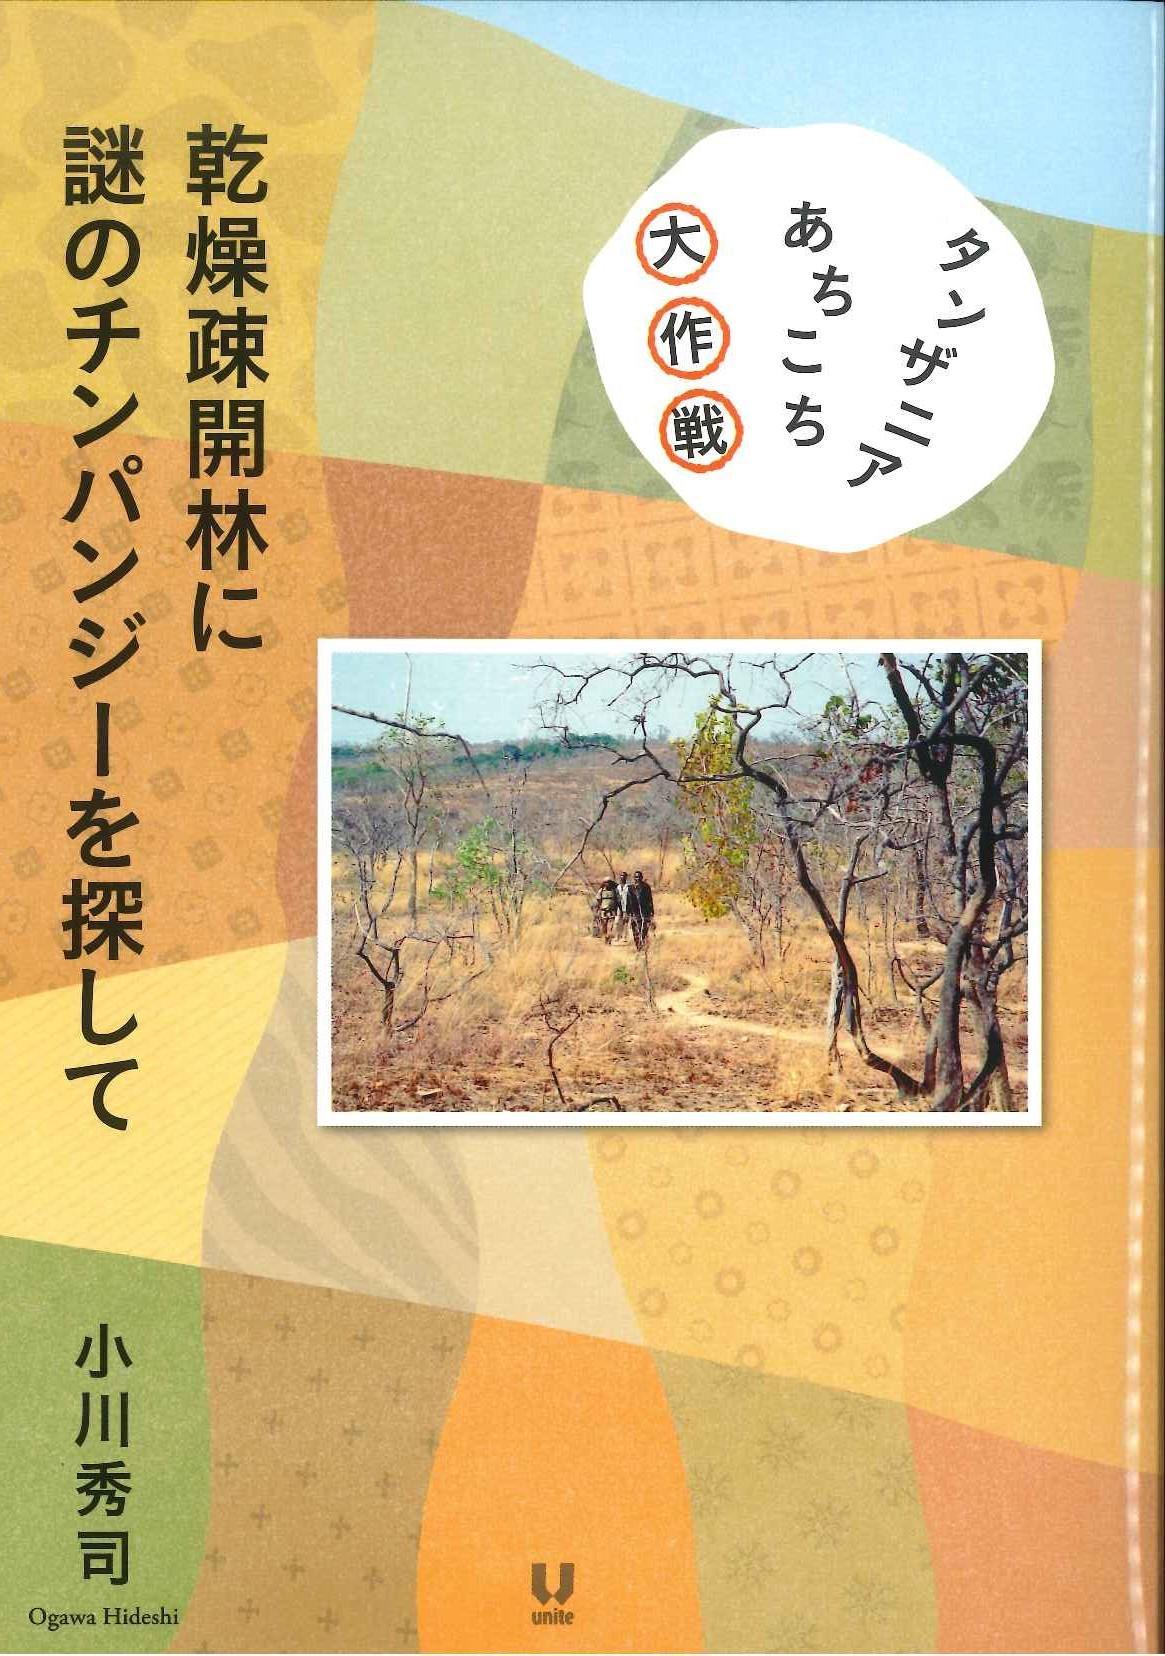 乾燥疎開林に謎のチンパンジーを探して-タンザニアあちこち大作戦-